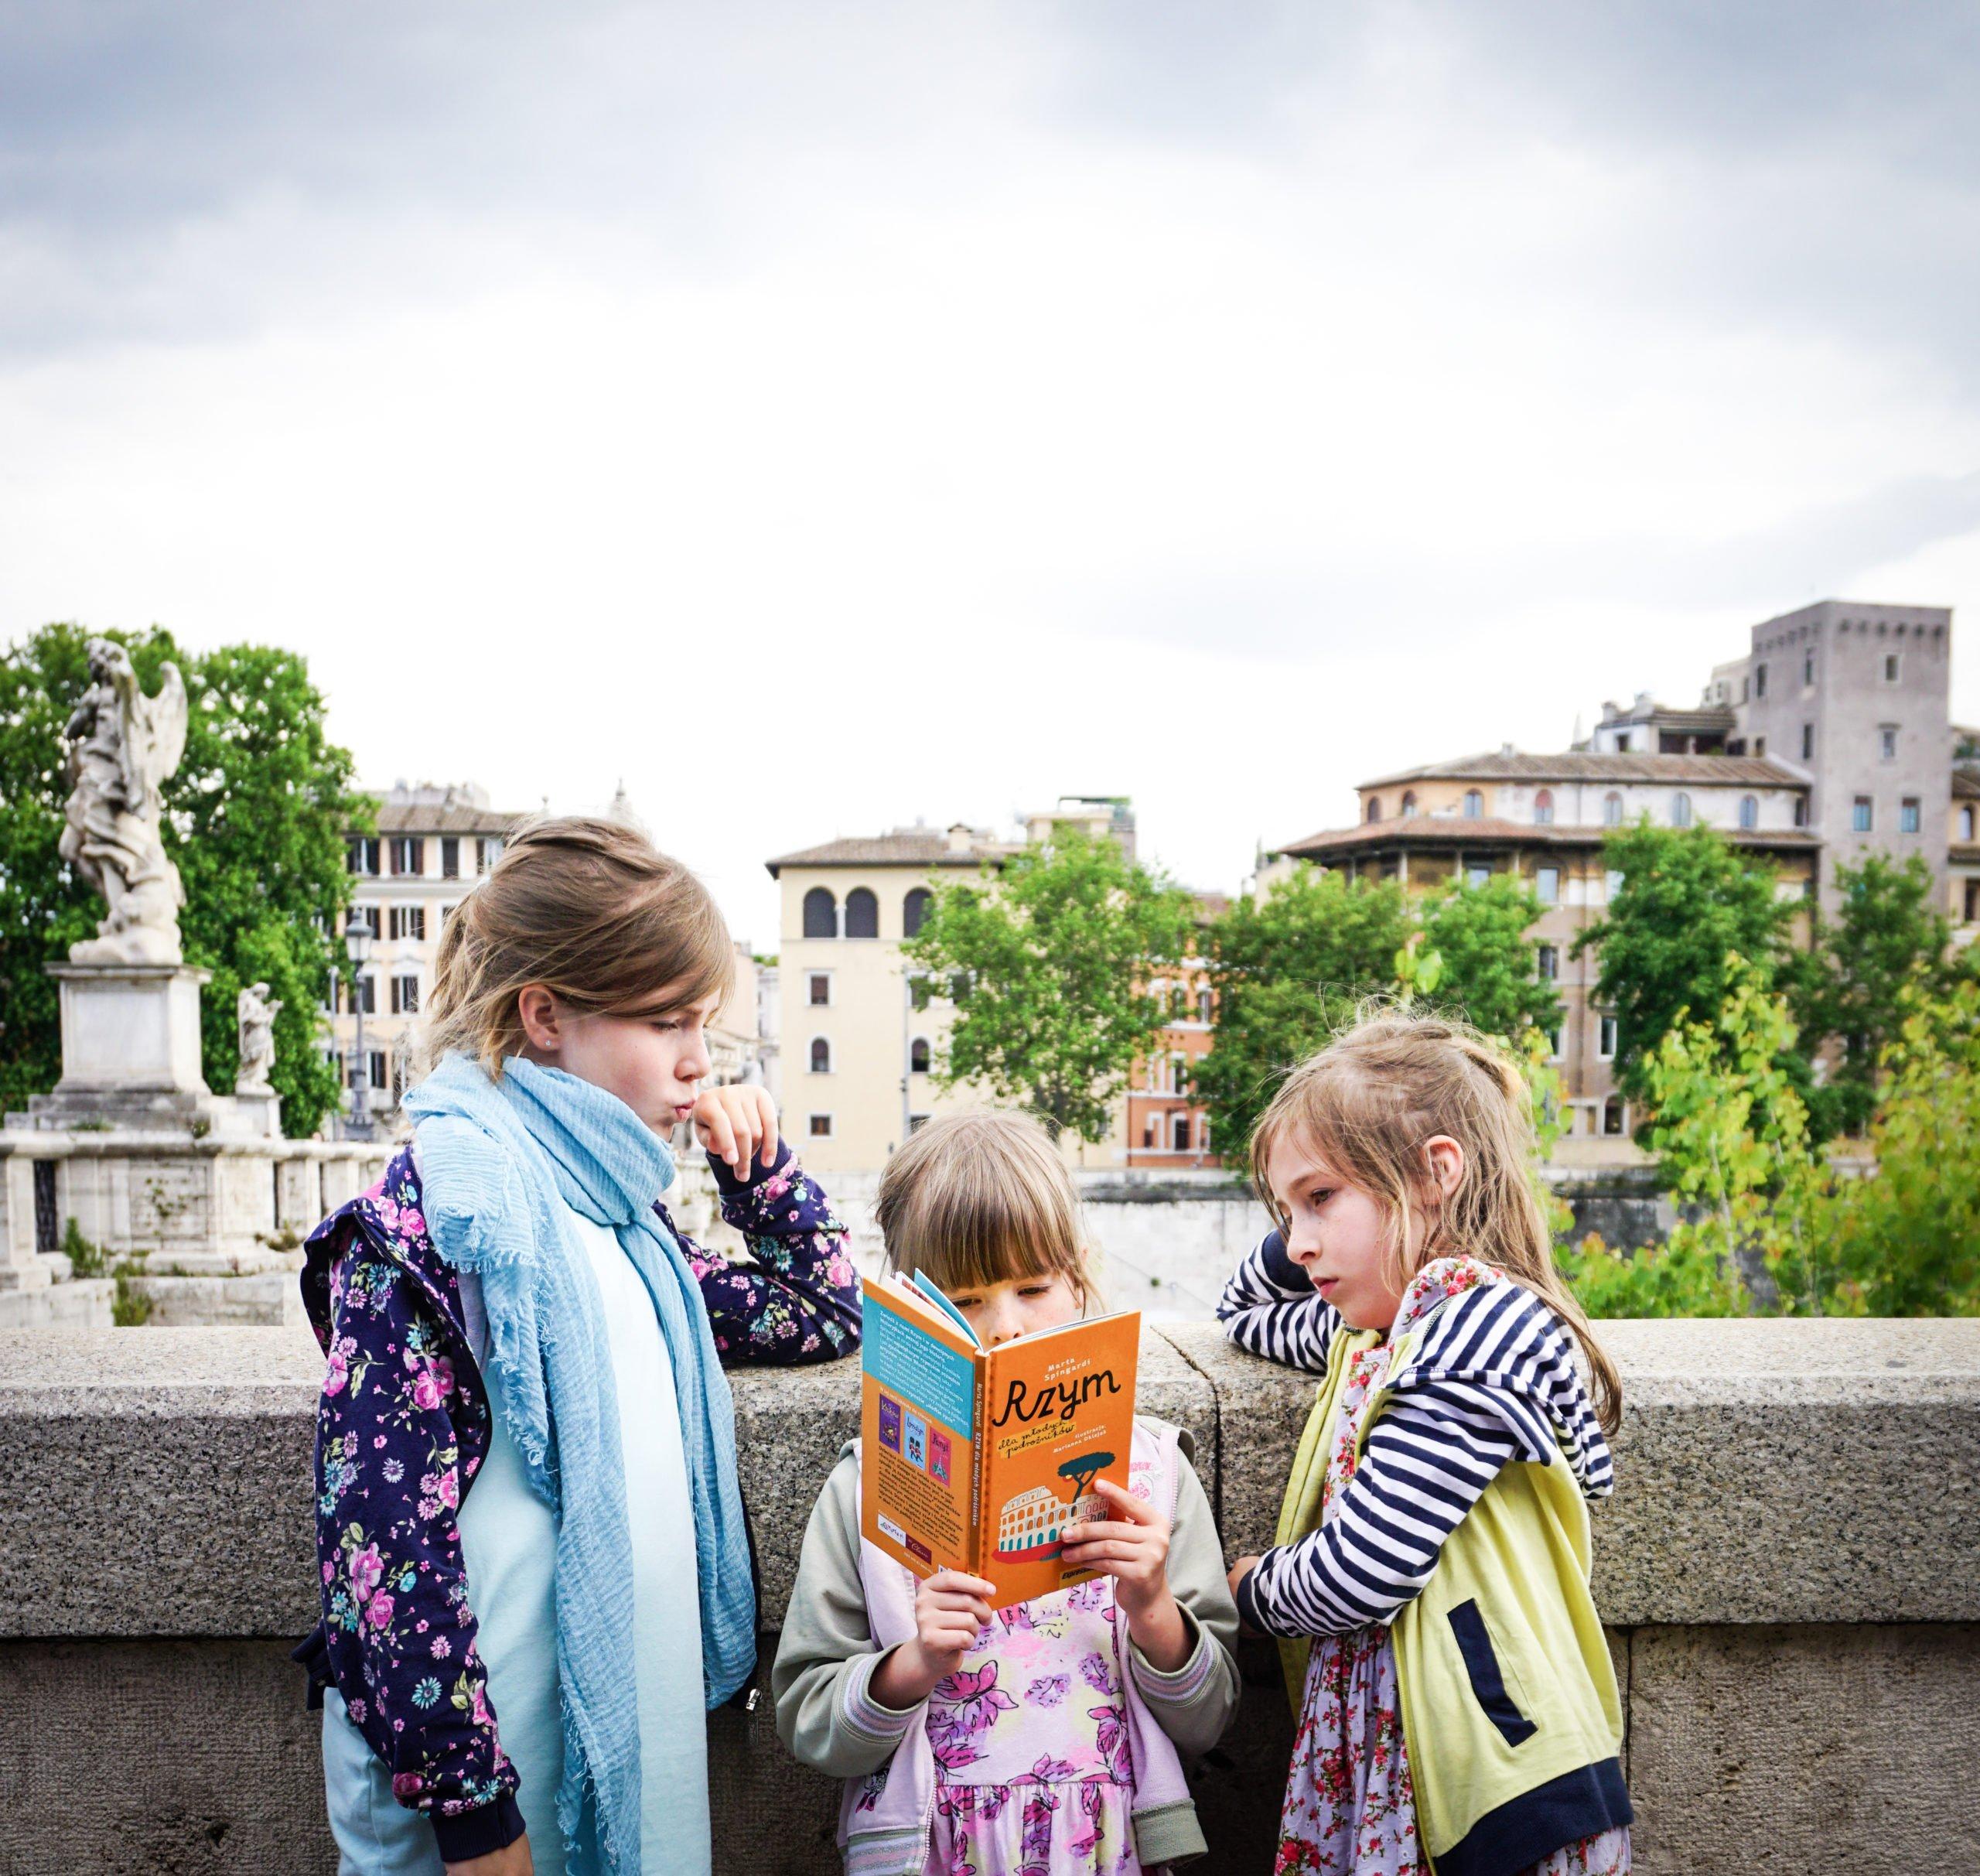 podroze z dziecmi do Rzymu